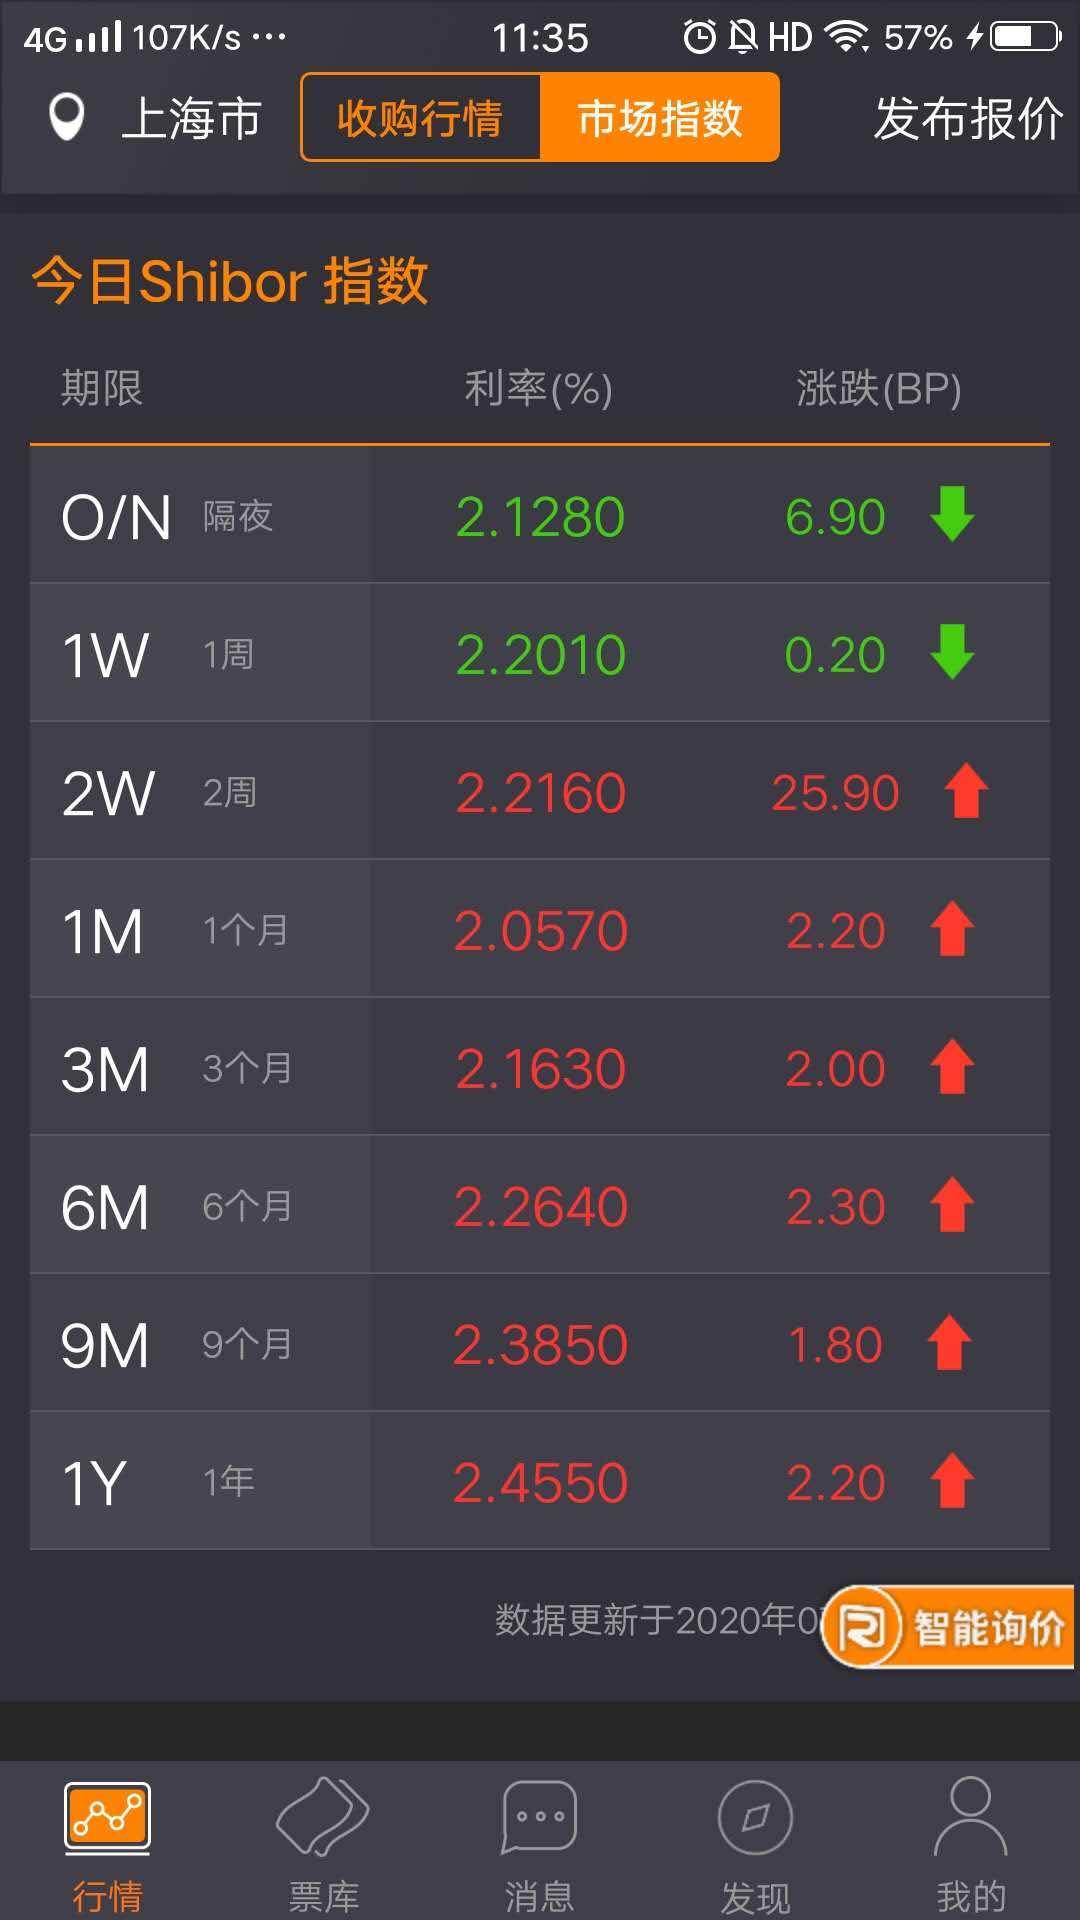 【票据报价简析】周初市场供求相对均衡,小幅波动票价略为稳健